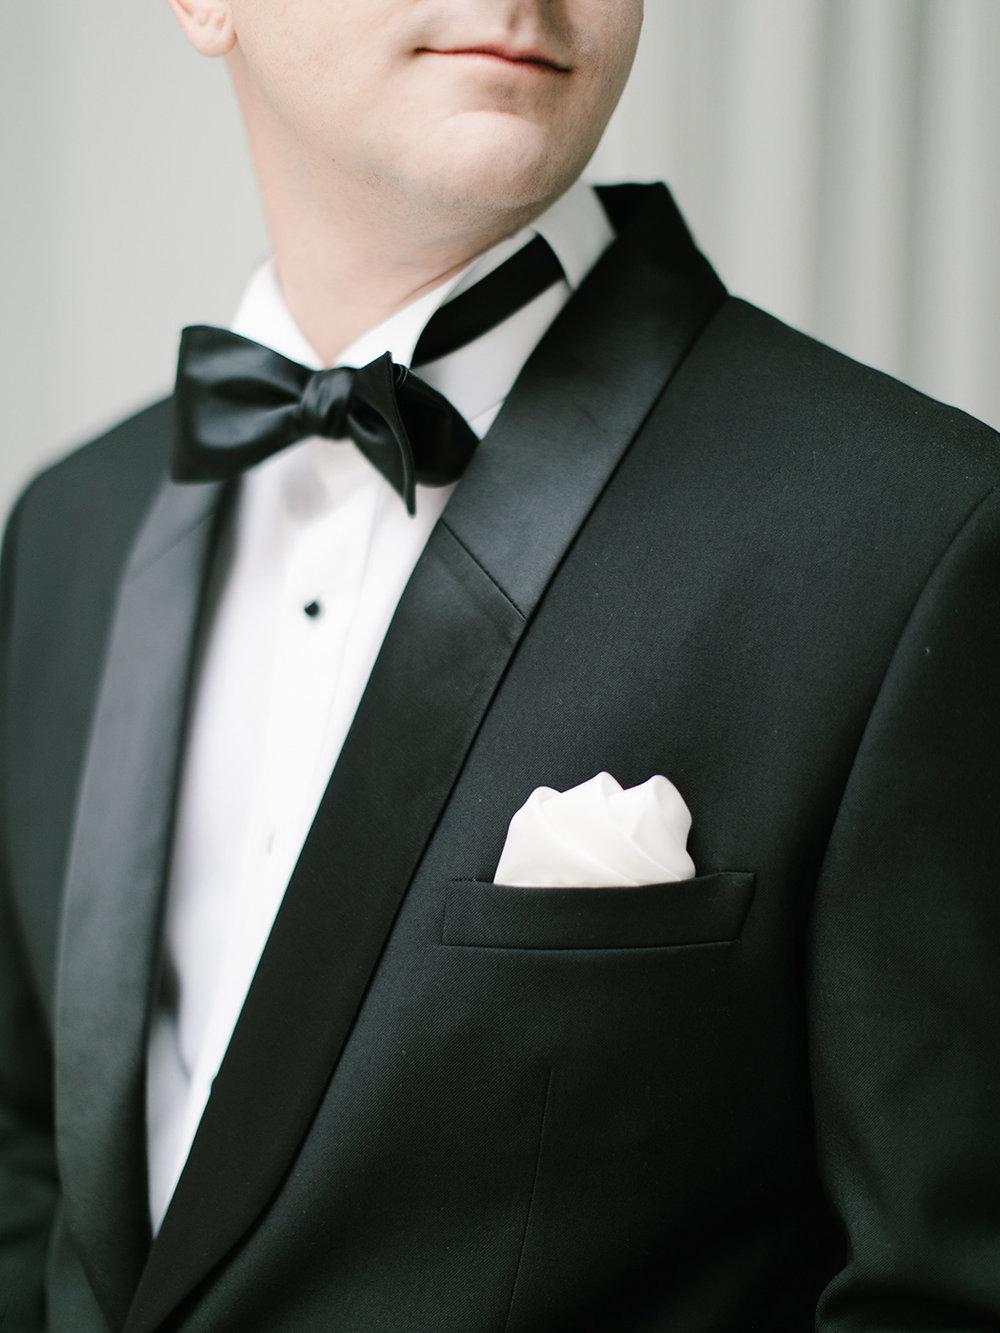 Black Tie | Rensche Mari Photography